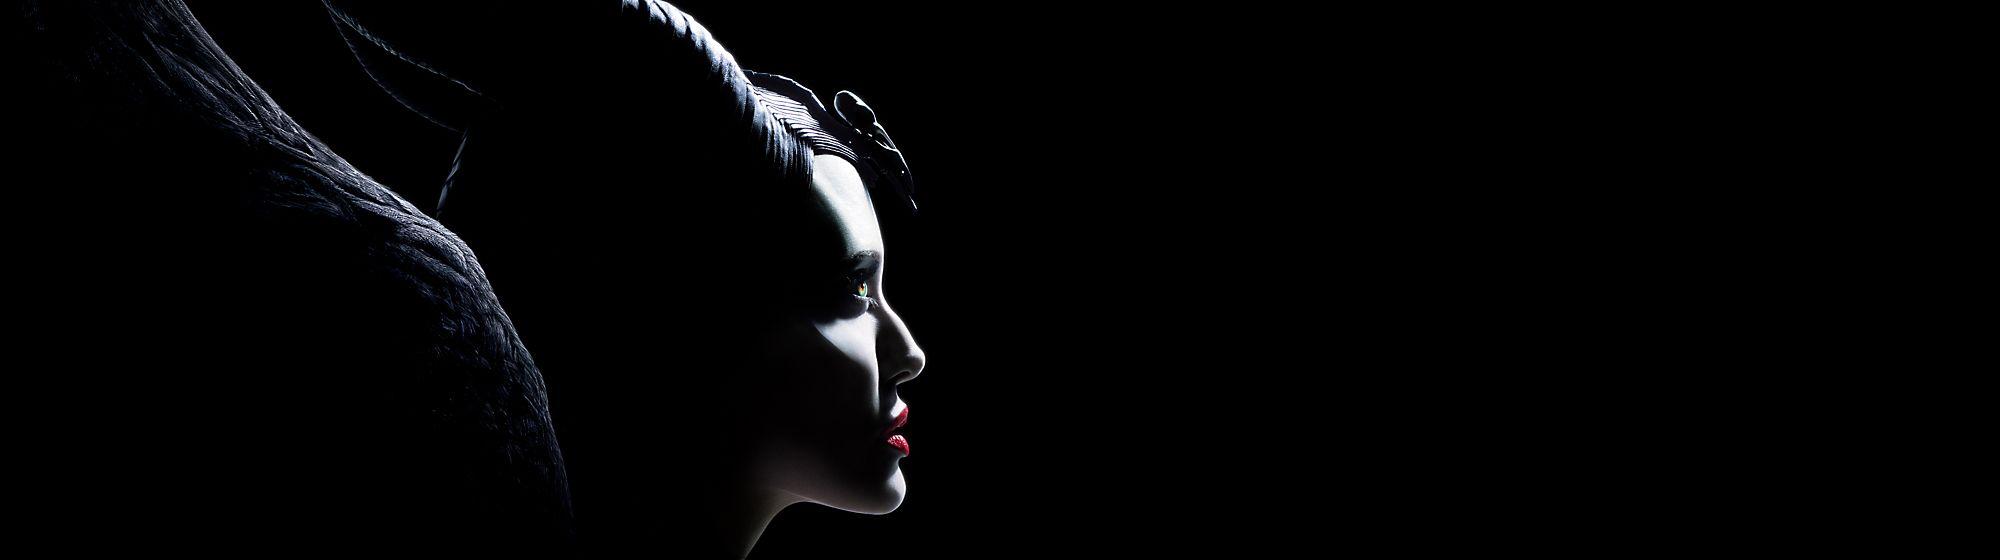 Maleficent Scopri la nostra gamma di prodotti ispirati a Malefica, tra cui oggetti da collezione, personaggi e tanto altro